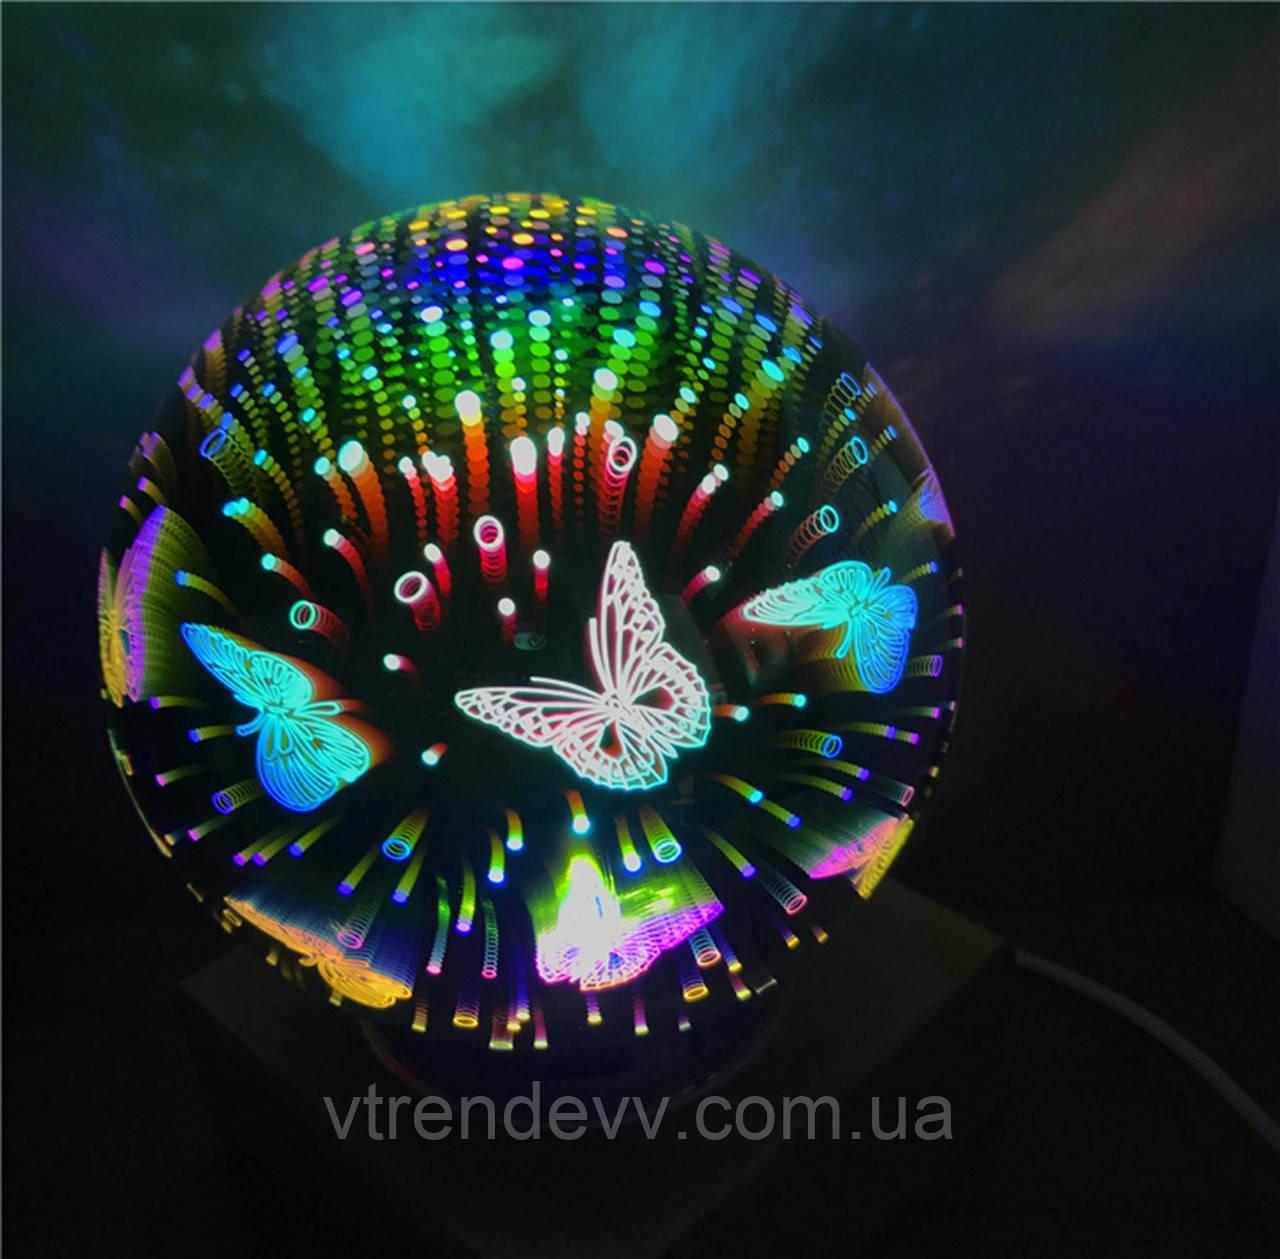 Ночник шар бабочки стеклянный светильник Luminaria Portatil Infantil USB 12 см